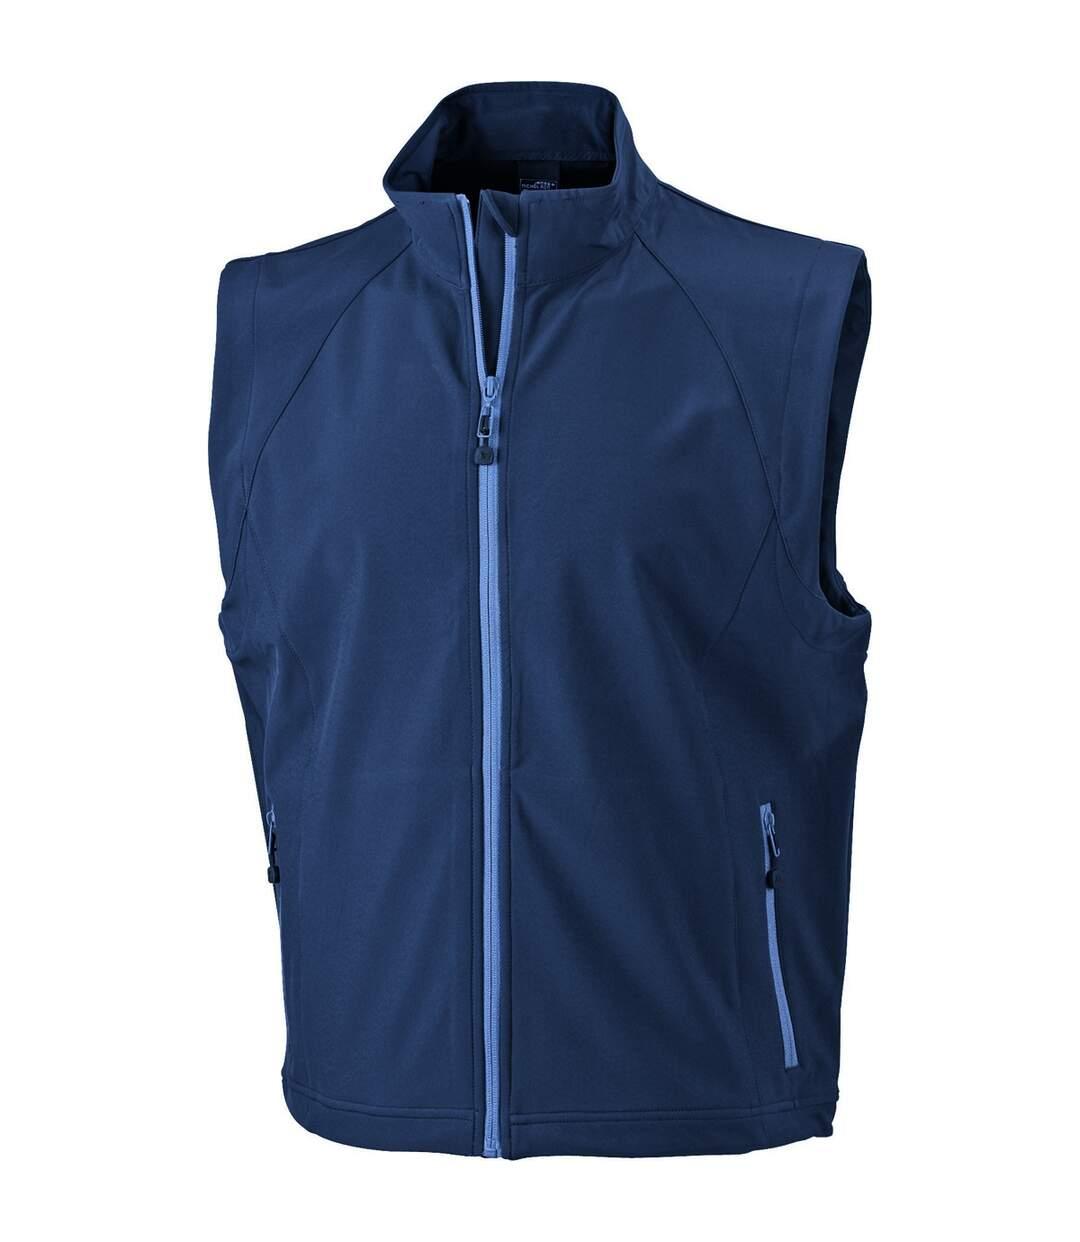 Gilet sans manches softshell coupe-vent imperméable - JN1022 - bleu marine - homme